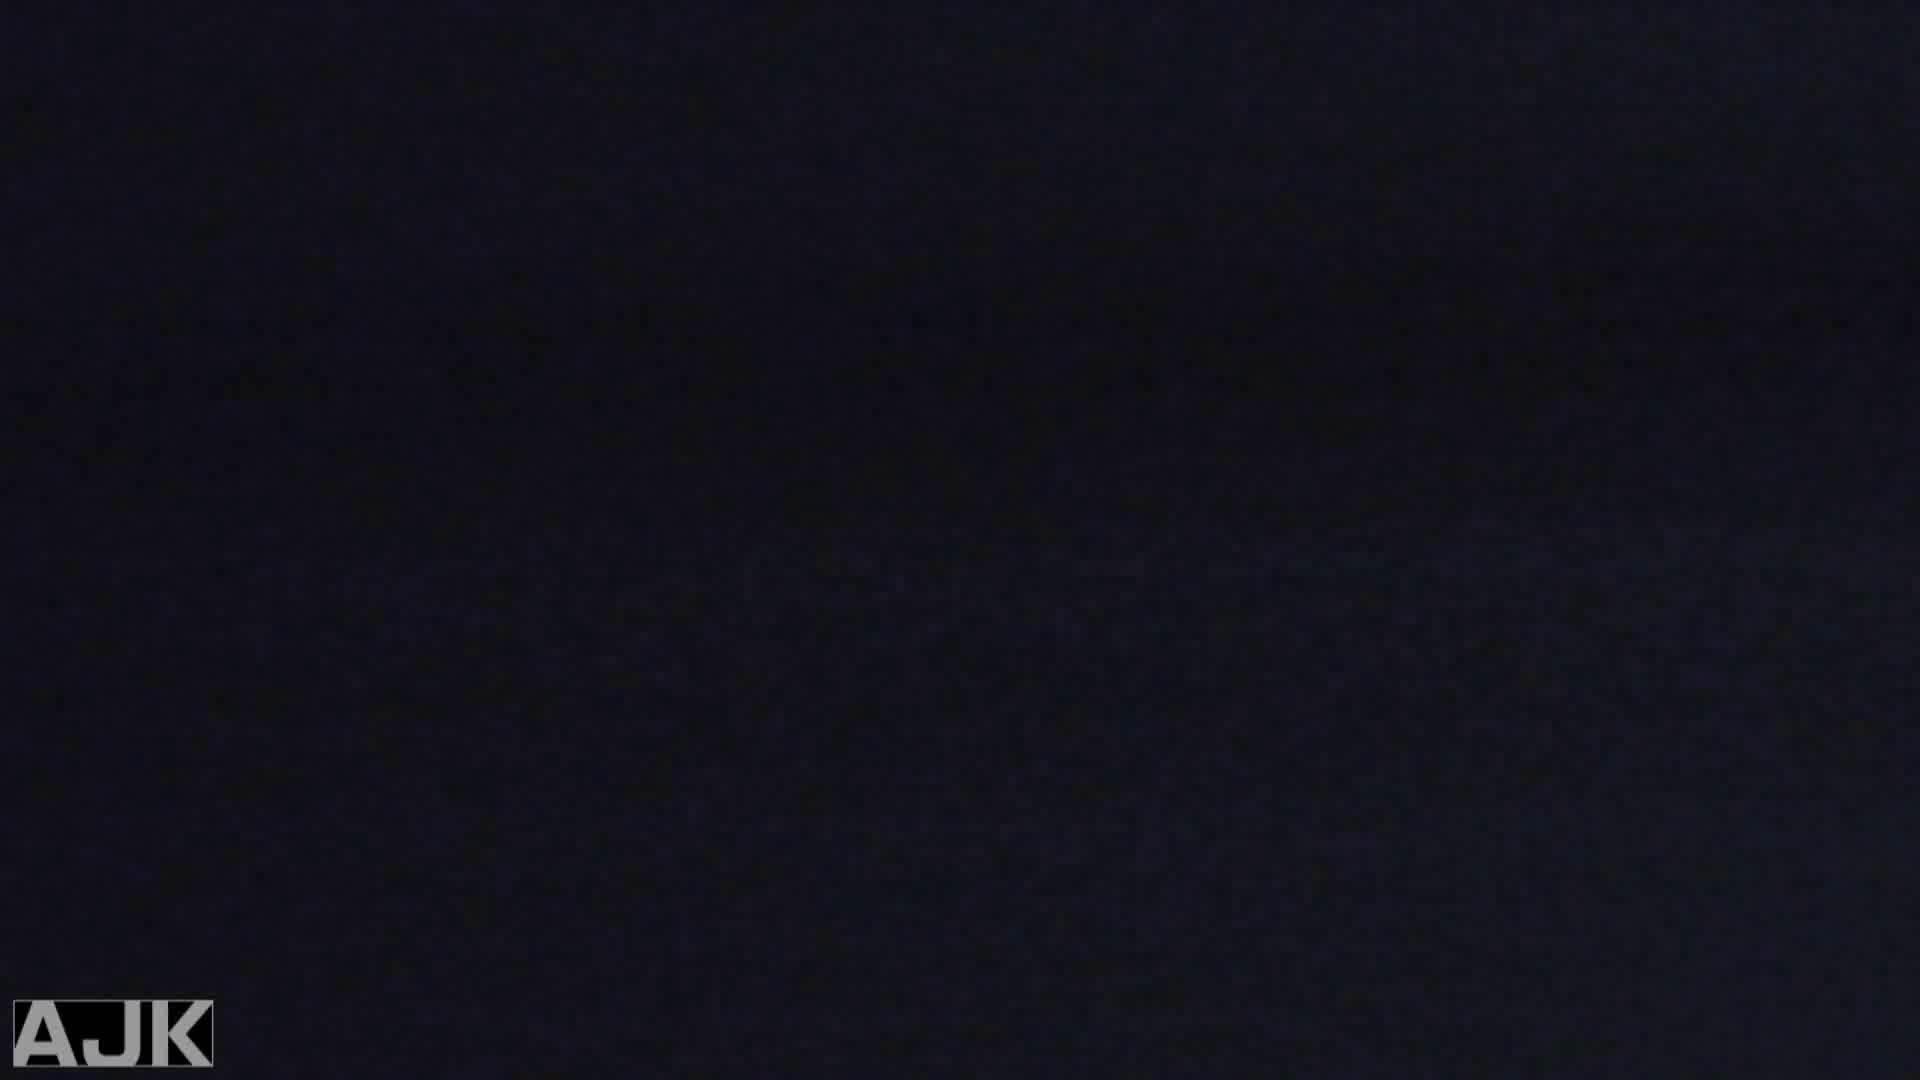 神降臨!史上最強の潜入かわや! vol.23 肛門丸見え 盗撮動画紹介 96pic 90